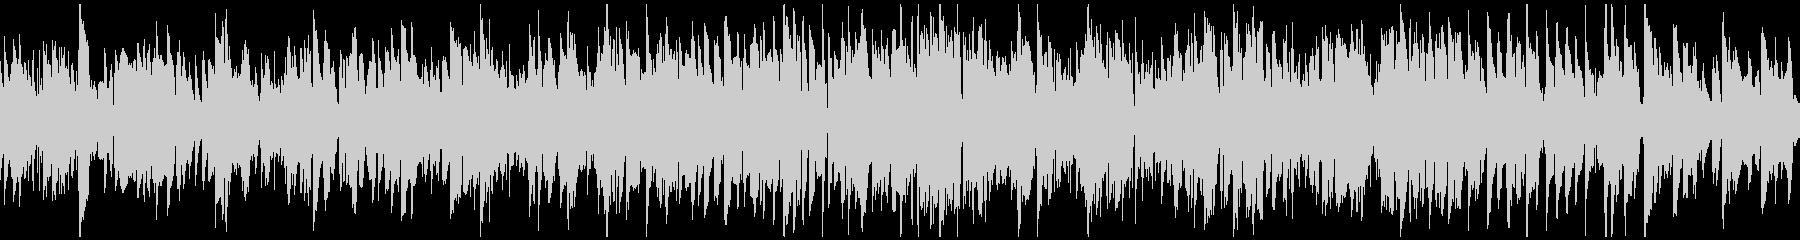 美しいメロディのジャズ・ワルツ※ループ版の未再生の波形